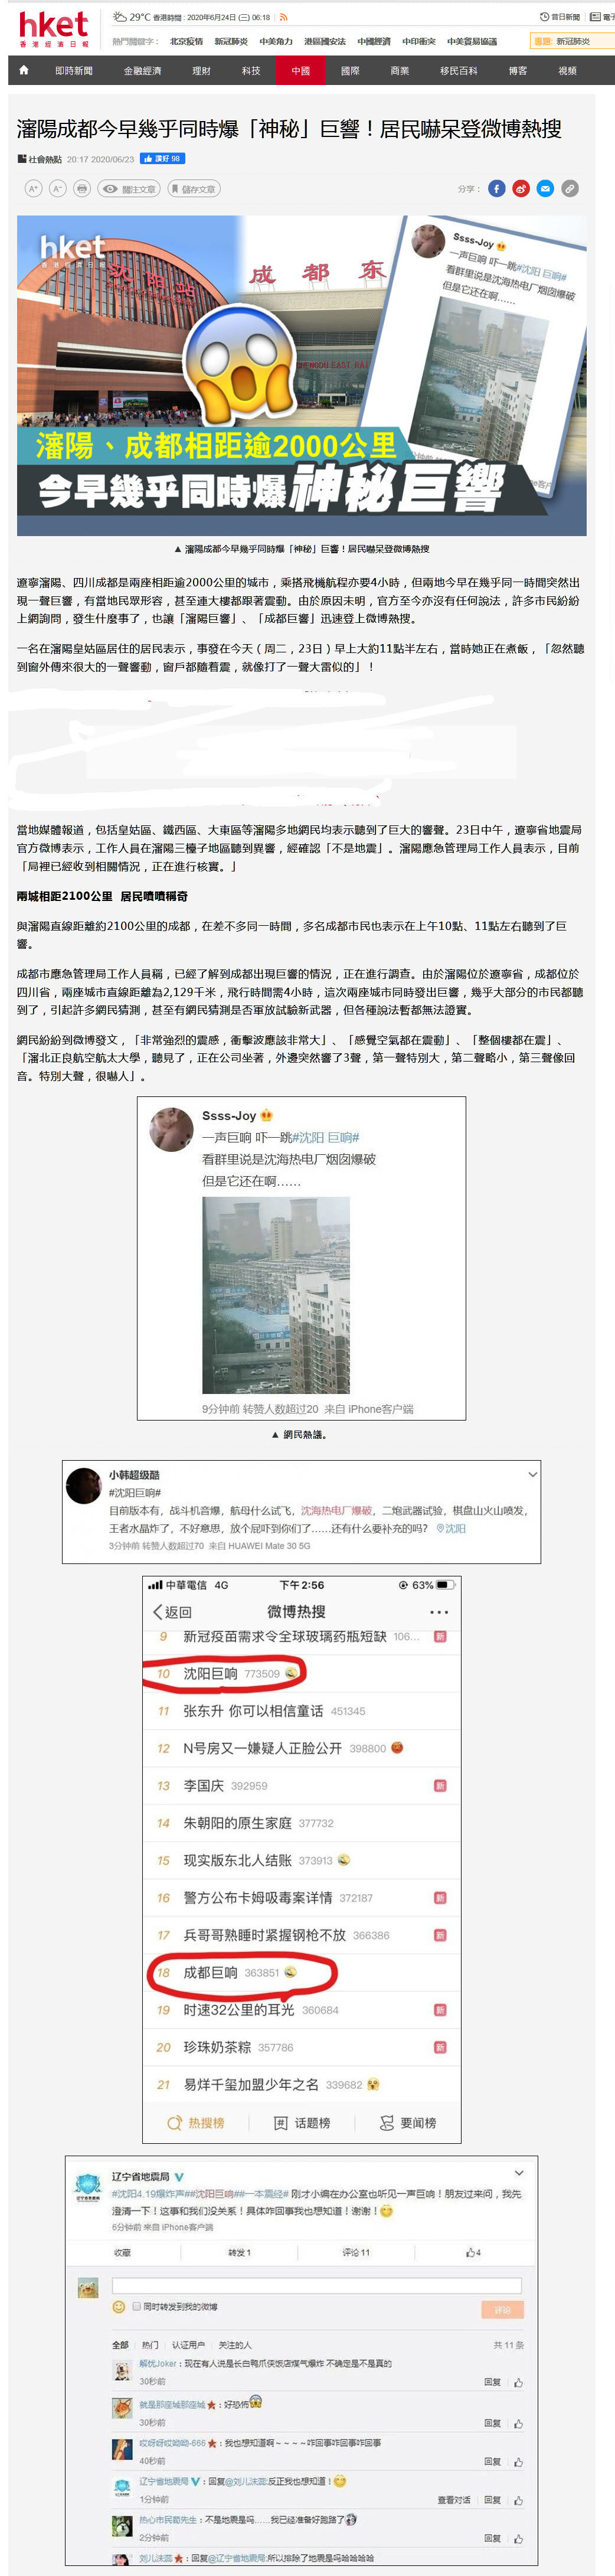 瀋陽成都今早幾乎同時爆「神秘」巨響!居民嚇呆登微博熱搜-2020.06.23.jpg